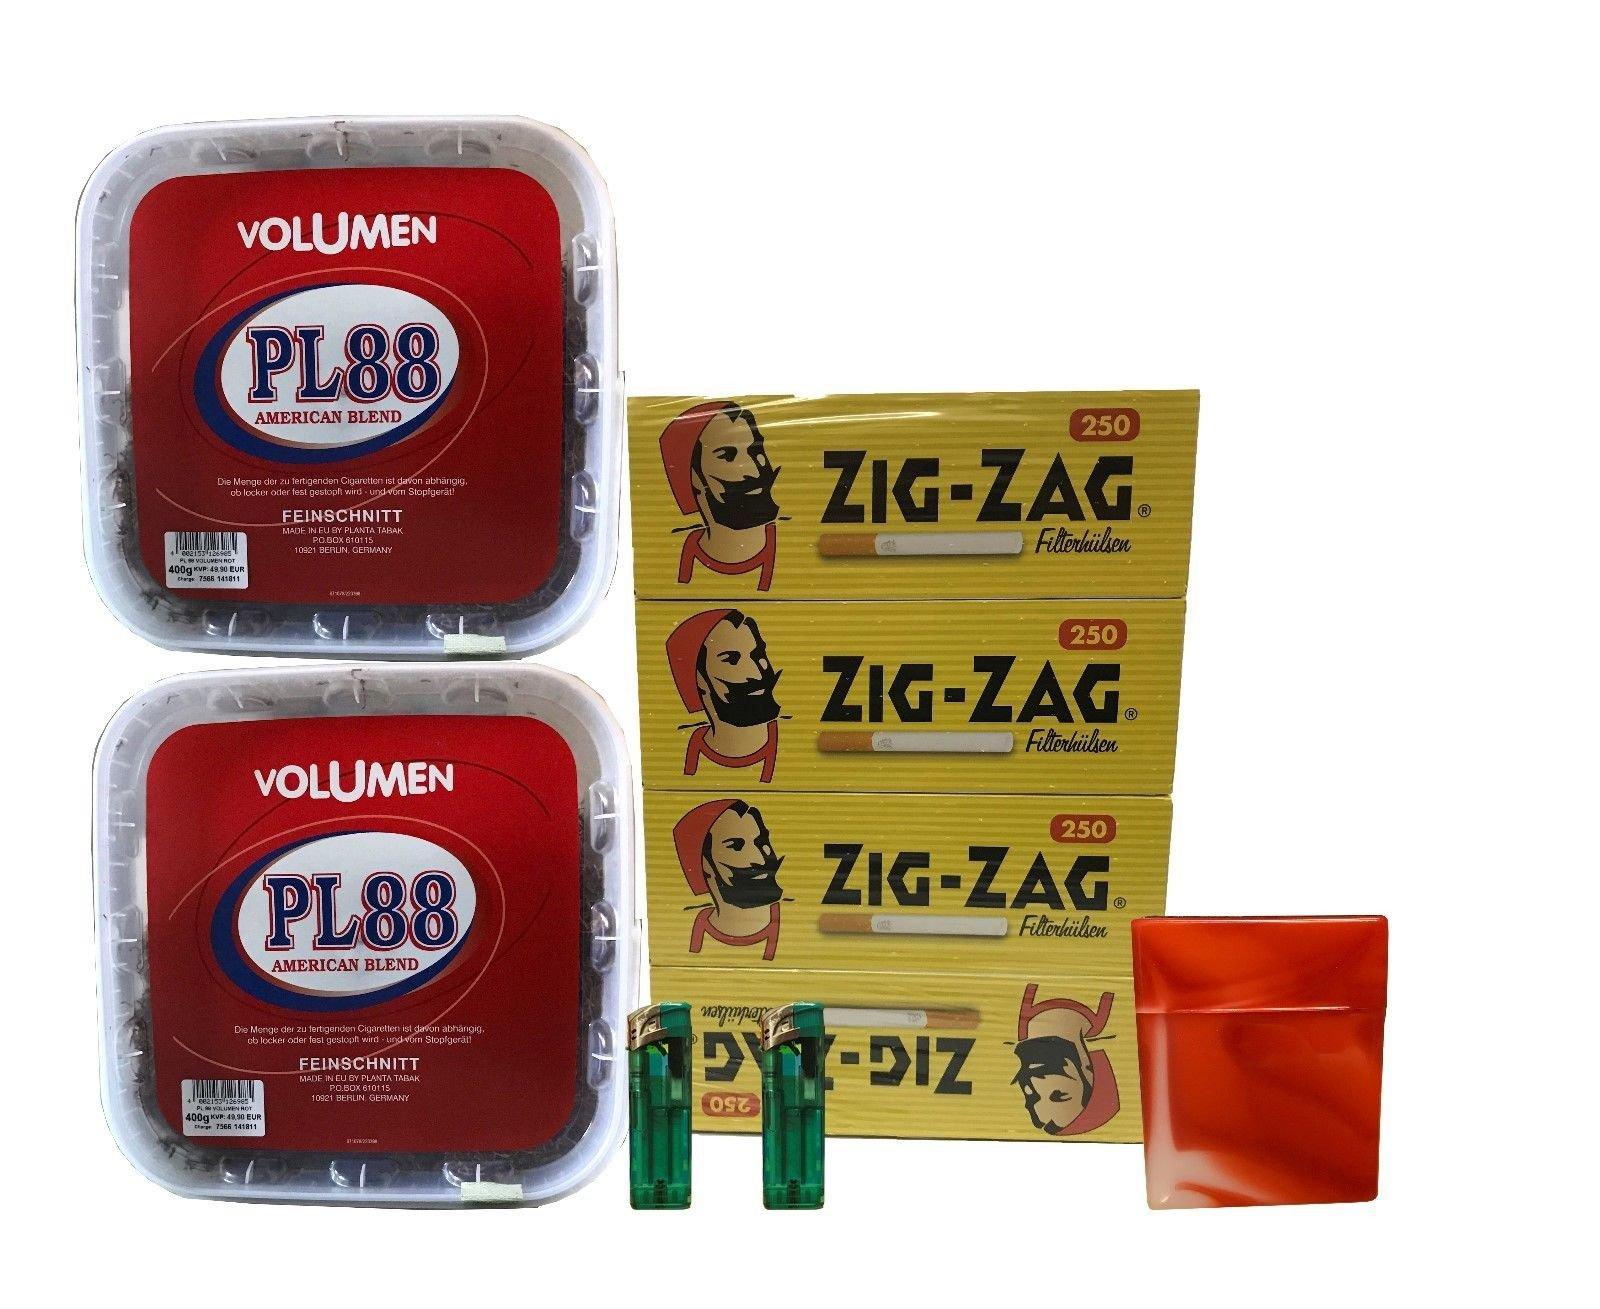 2x PL88 American Blend Tabak / Volumentabak 400g Eimer, ZigZac Hülsen + Zubehör